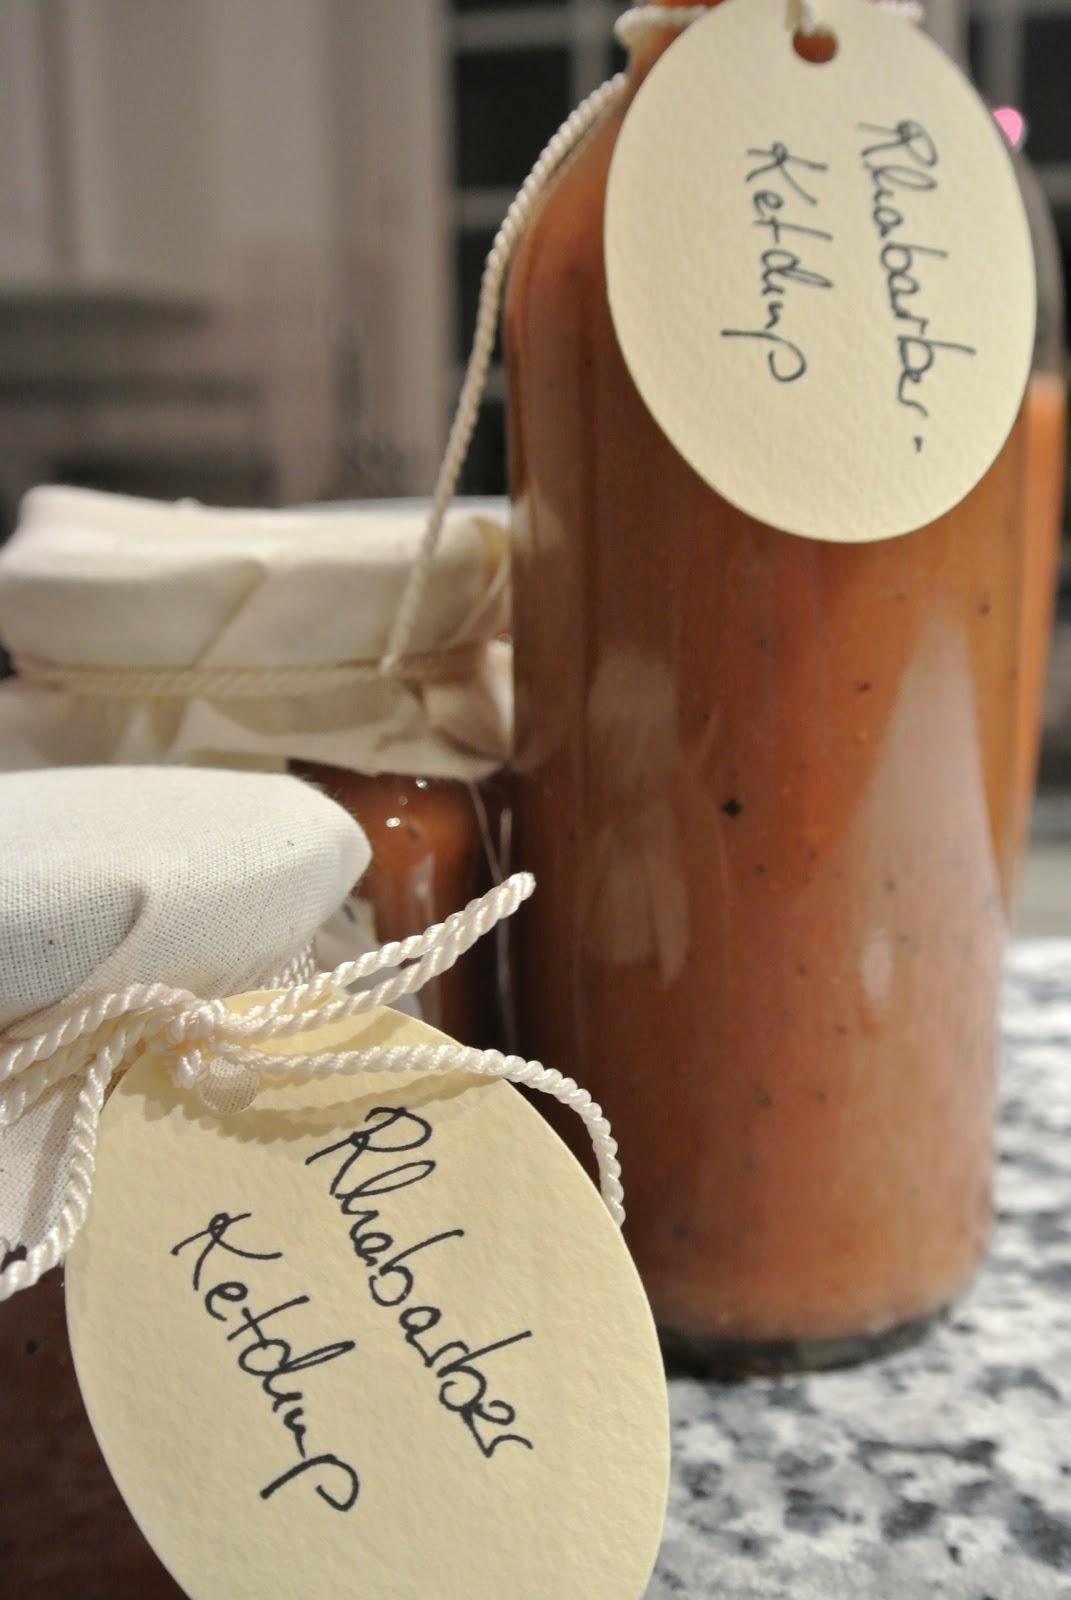 bonjour alsace das unwiderstehliche rhabarber ketchup oder wer nicht h ren will muss f hlen. Black Bedroom Furniture Sets. Home Design Ideas